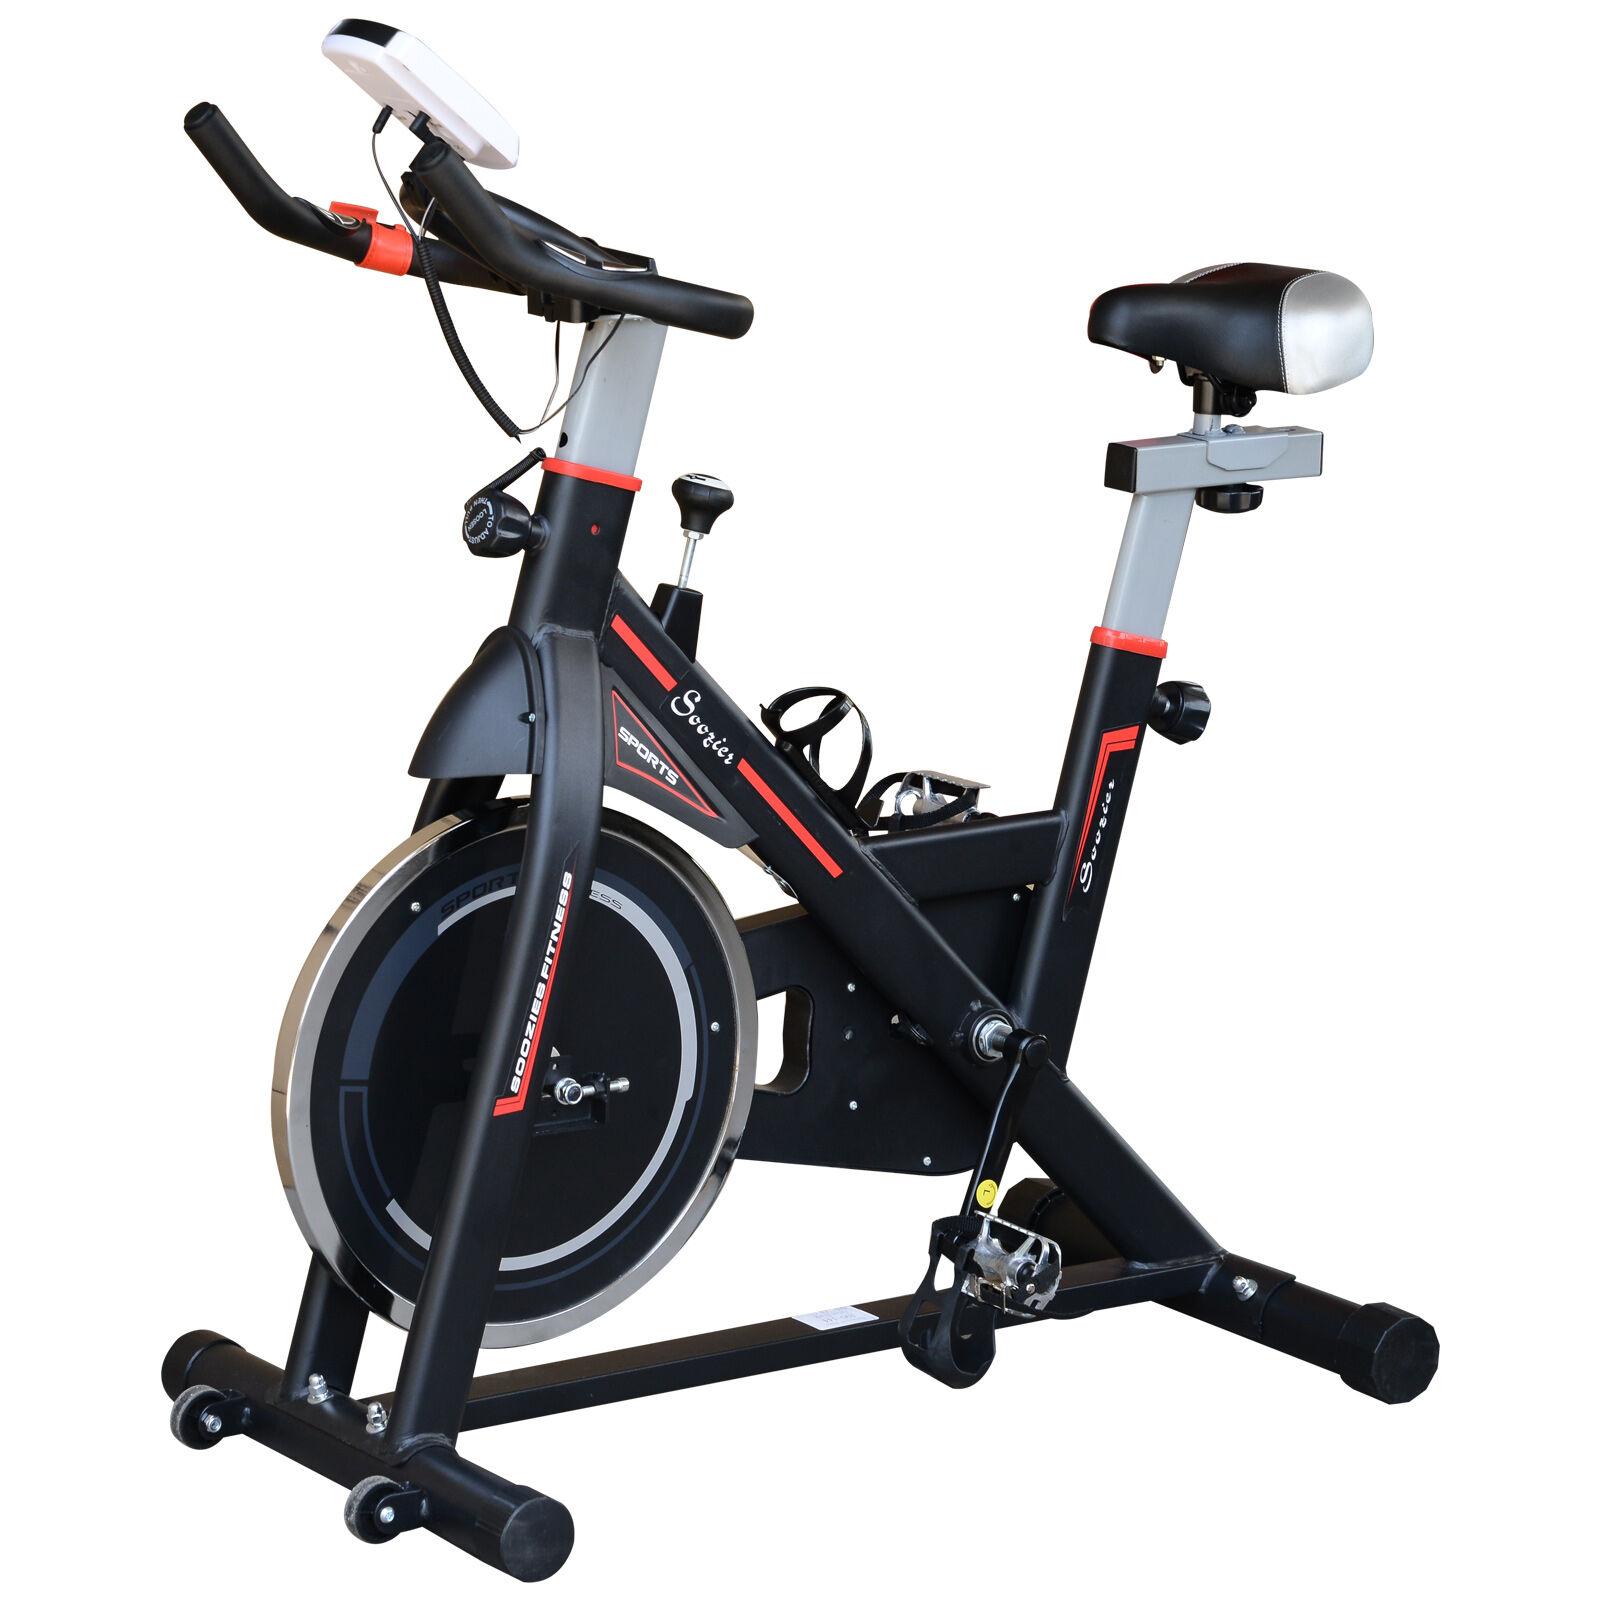 HOMCOM Cyclette Allenamento Aerobico da Casa Professionale in Acciaio, Nero